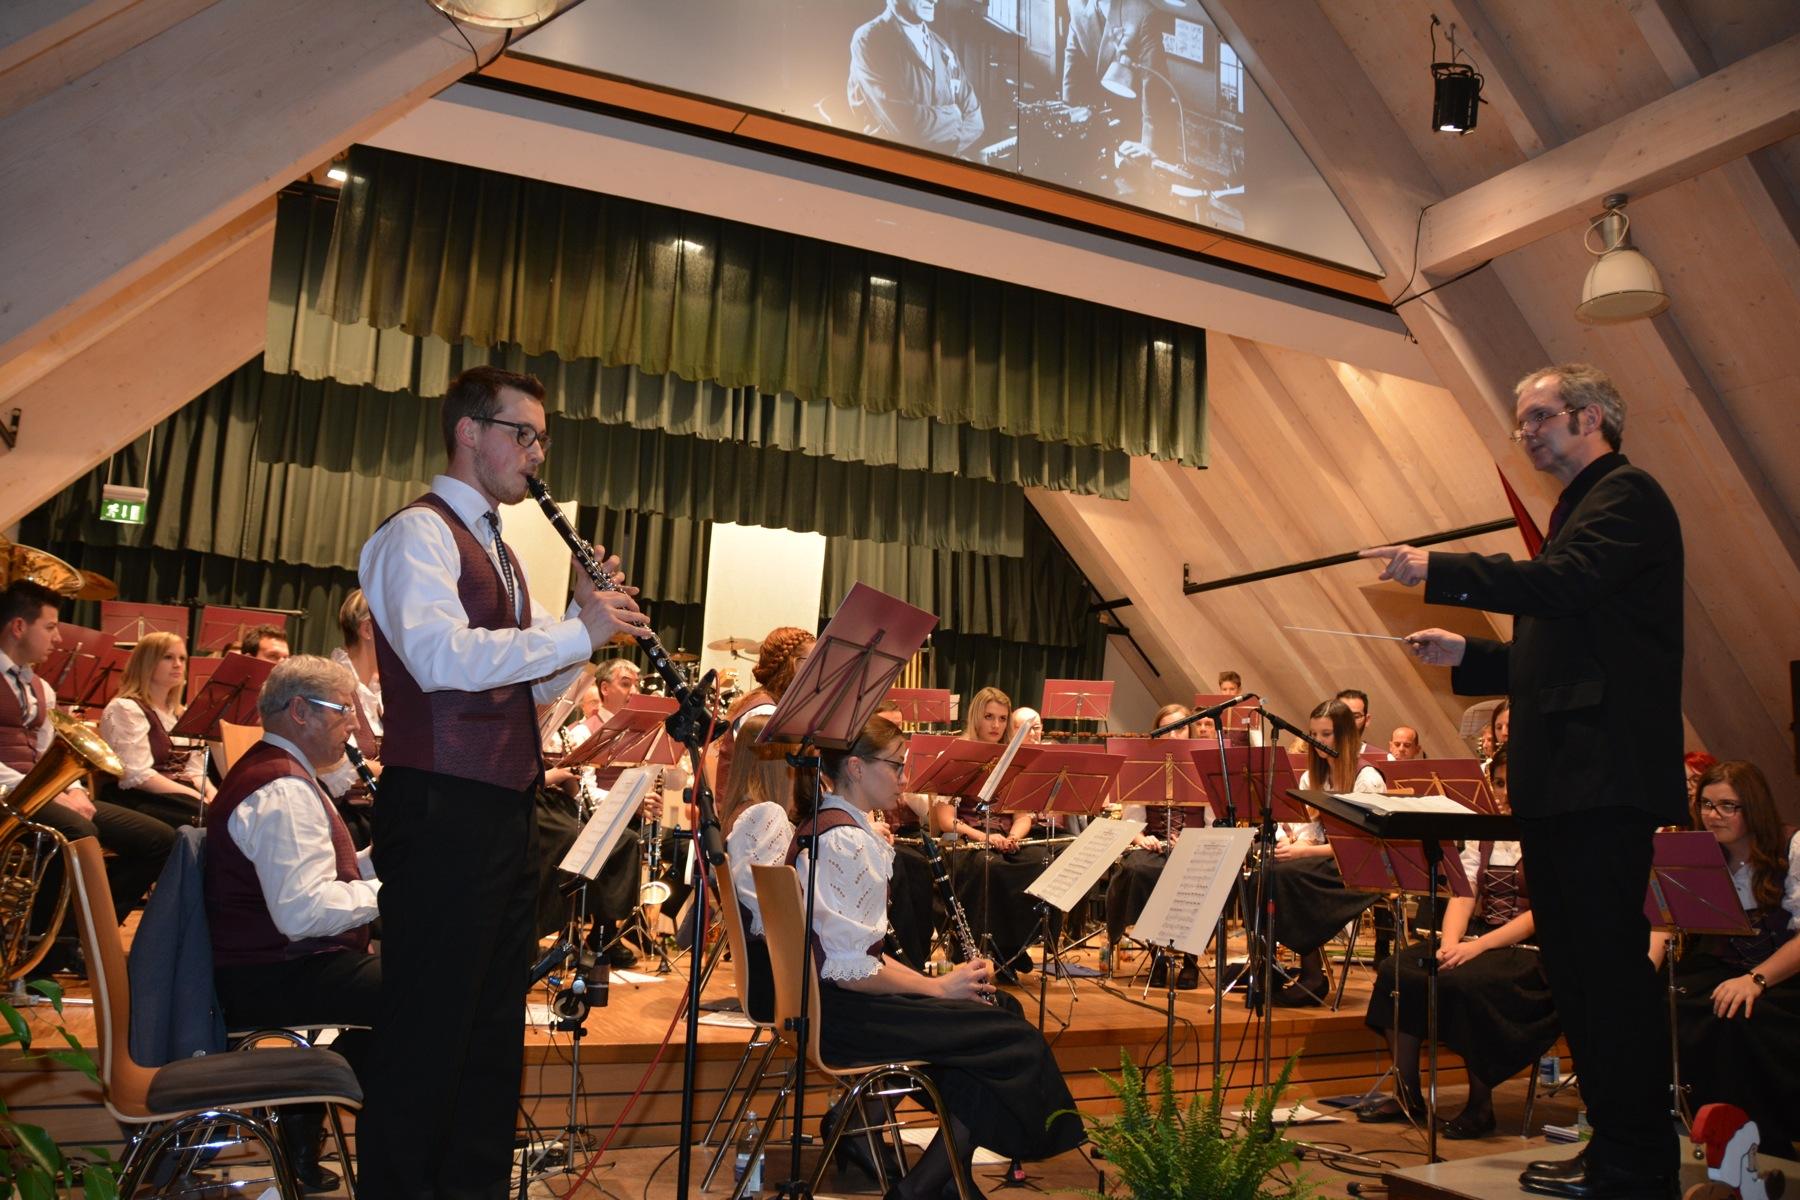 2016-12-3-21-44-36-ue-hps-musikvereinunterentersbach-nikolauskonzert2016-dsc_2095